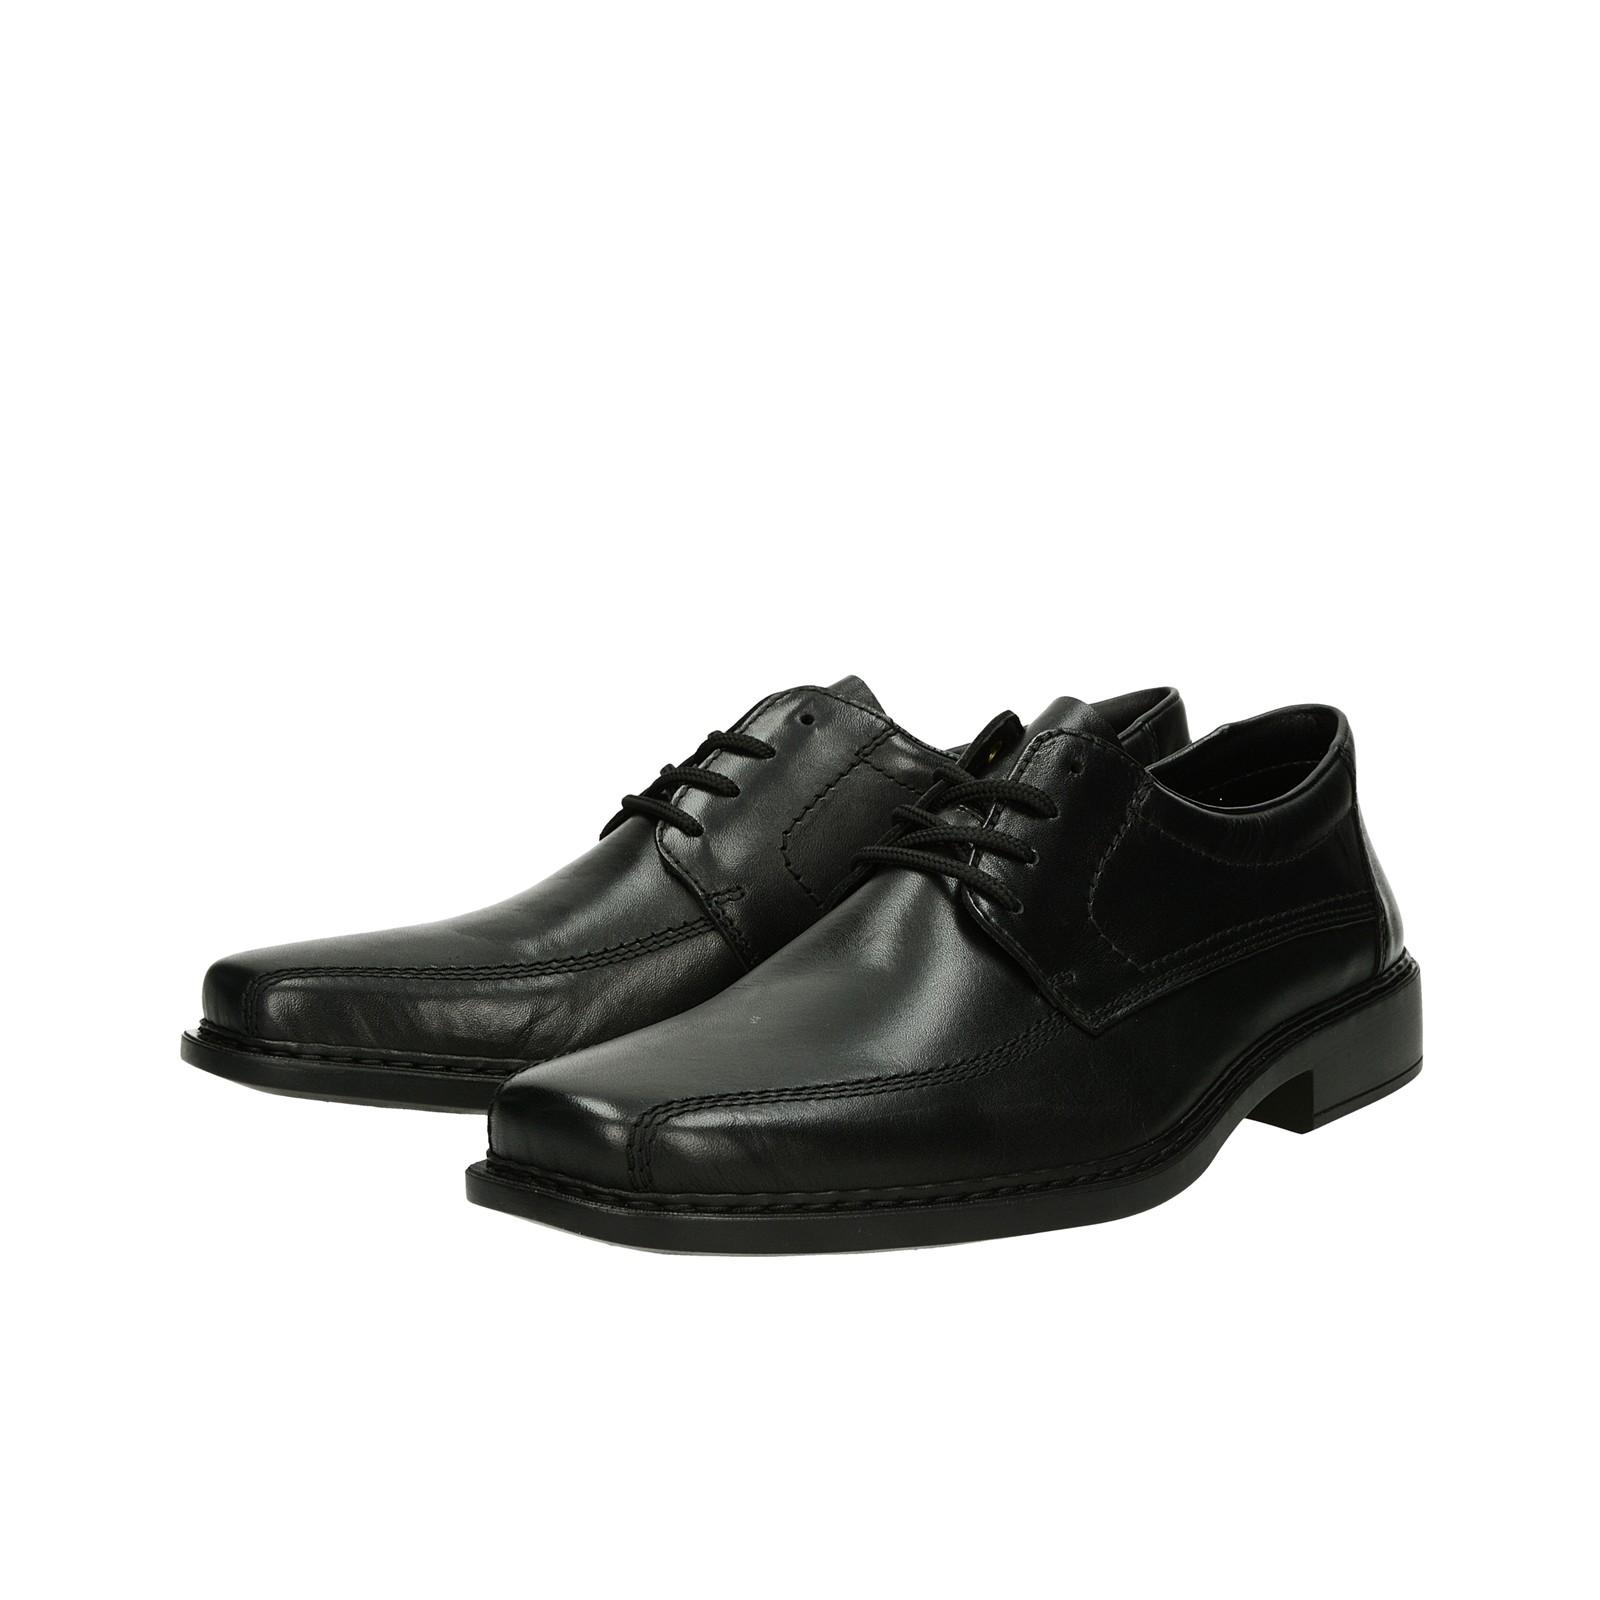 d305e343b Rieker pánske spoločenské topánky - čierne | B081200-BLK www.robel.sk